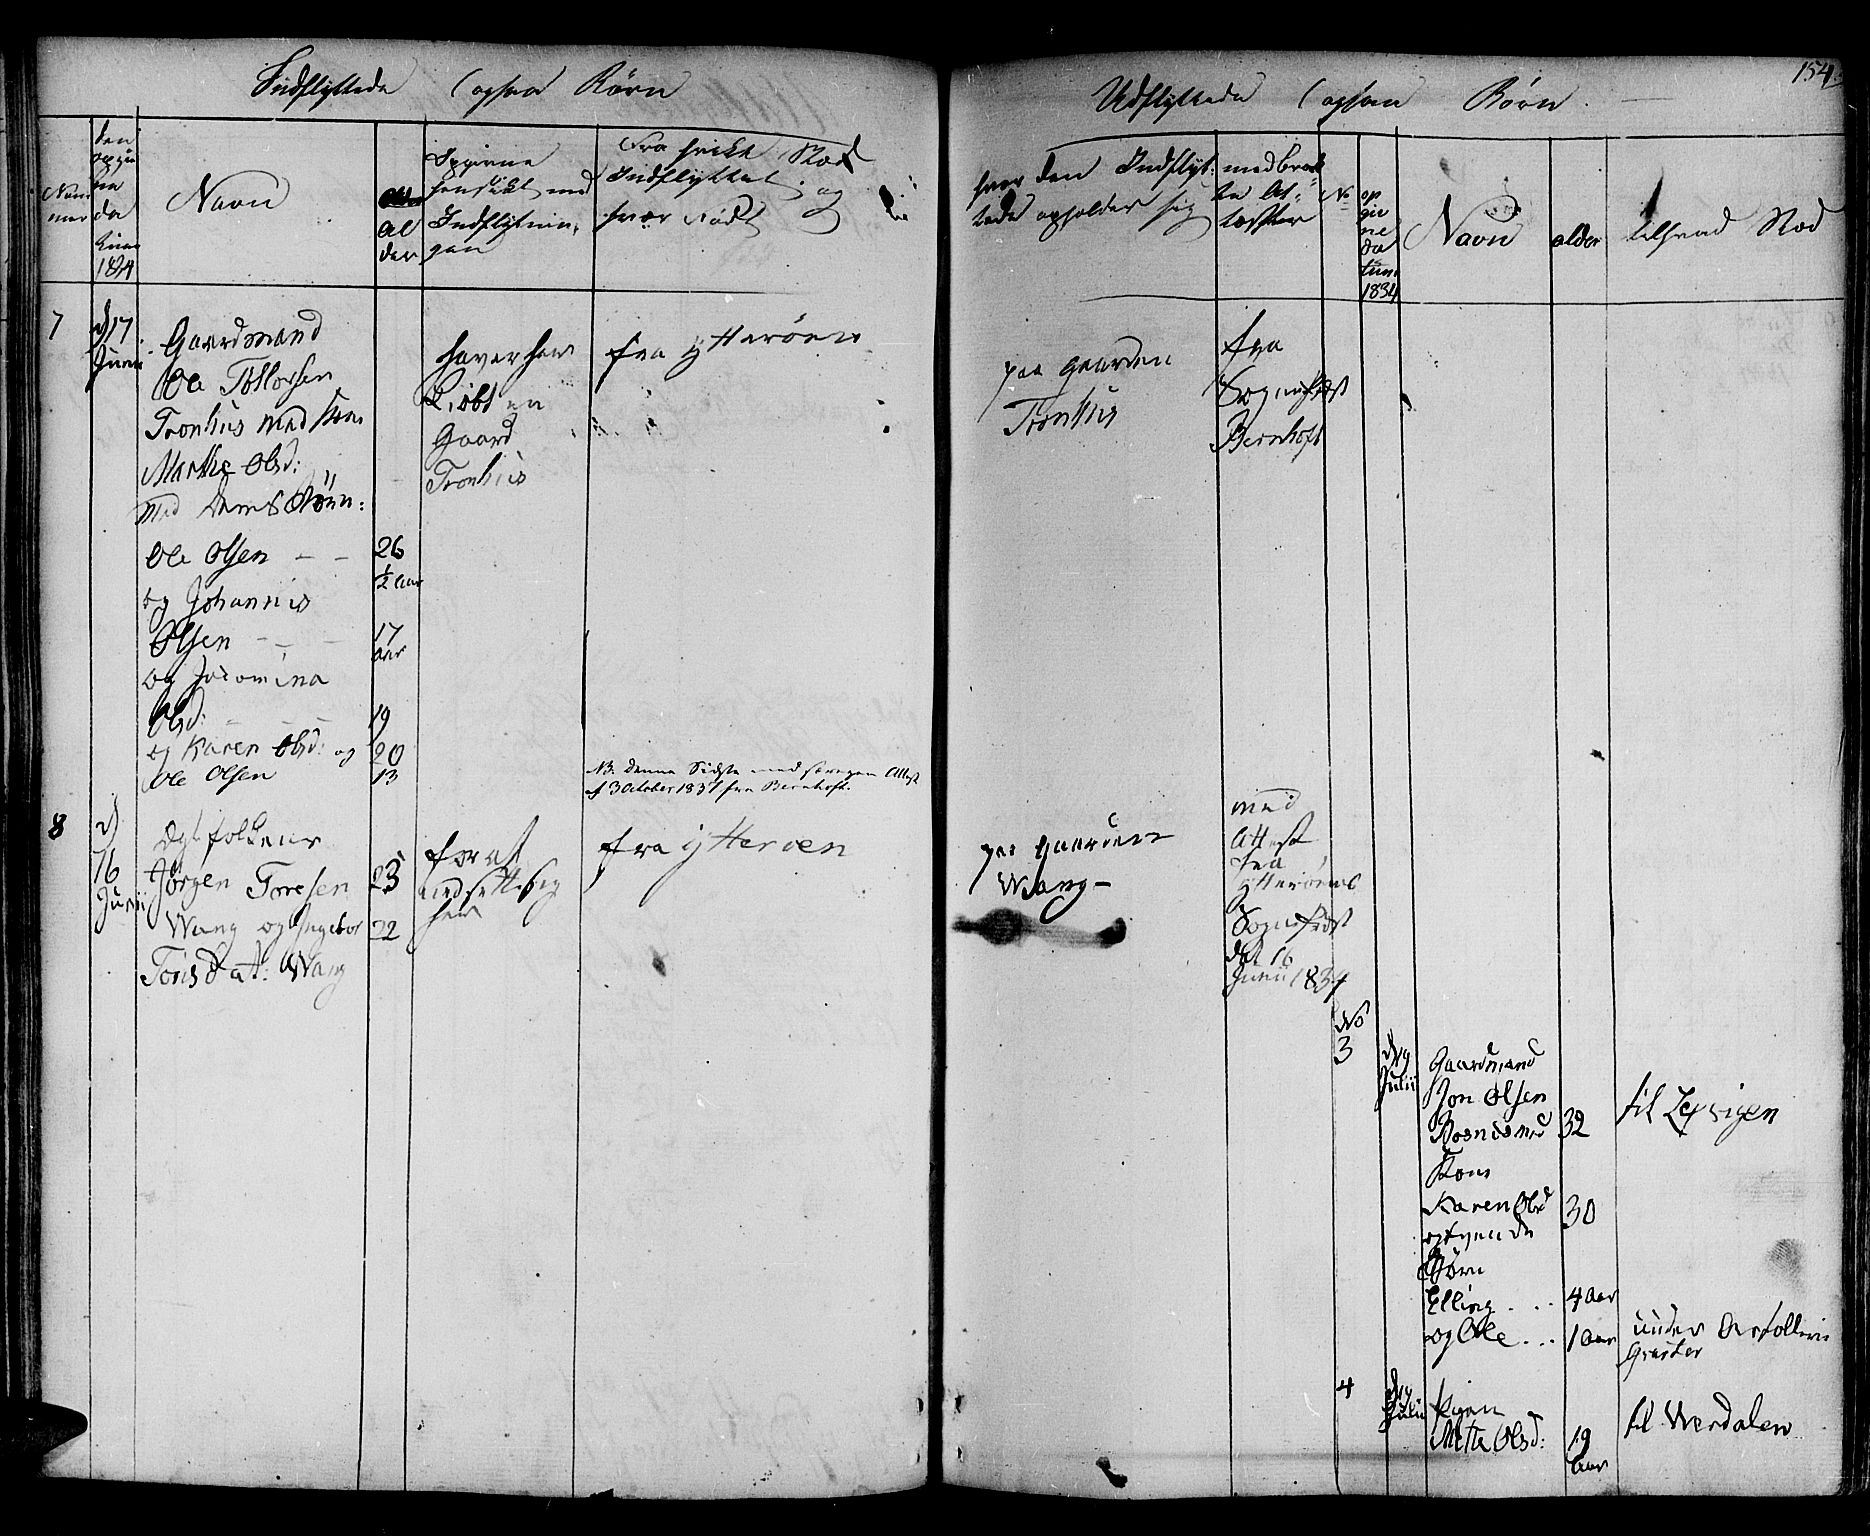 SAT, Ministerialprotokoller, klokkerbøker og fødselsregistre - Nord-Trøndelag, 730/L0277: Ministerialbok nr. 730A06 /1, 1830-1839, s. 154